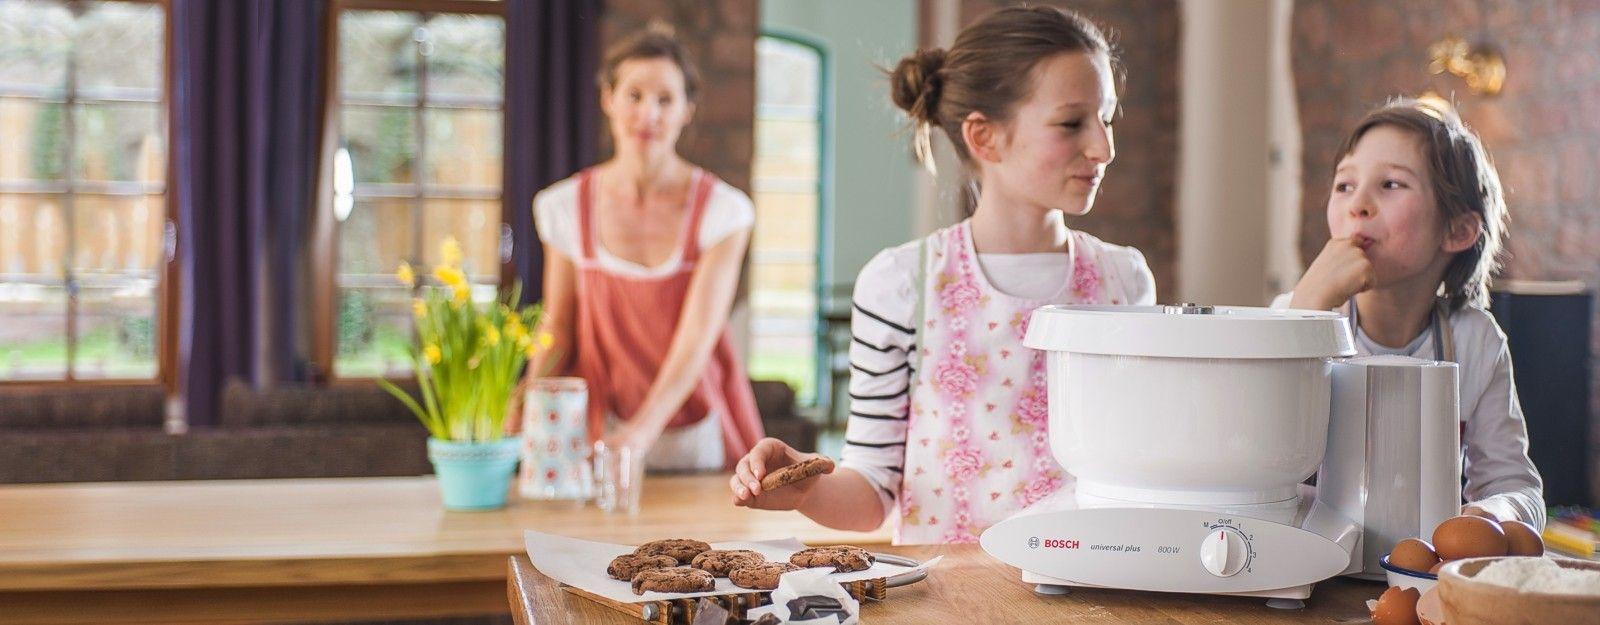 Bosch Universal Plus–A Complete Kitchen Center